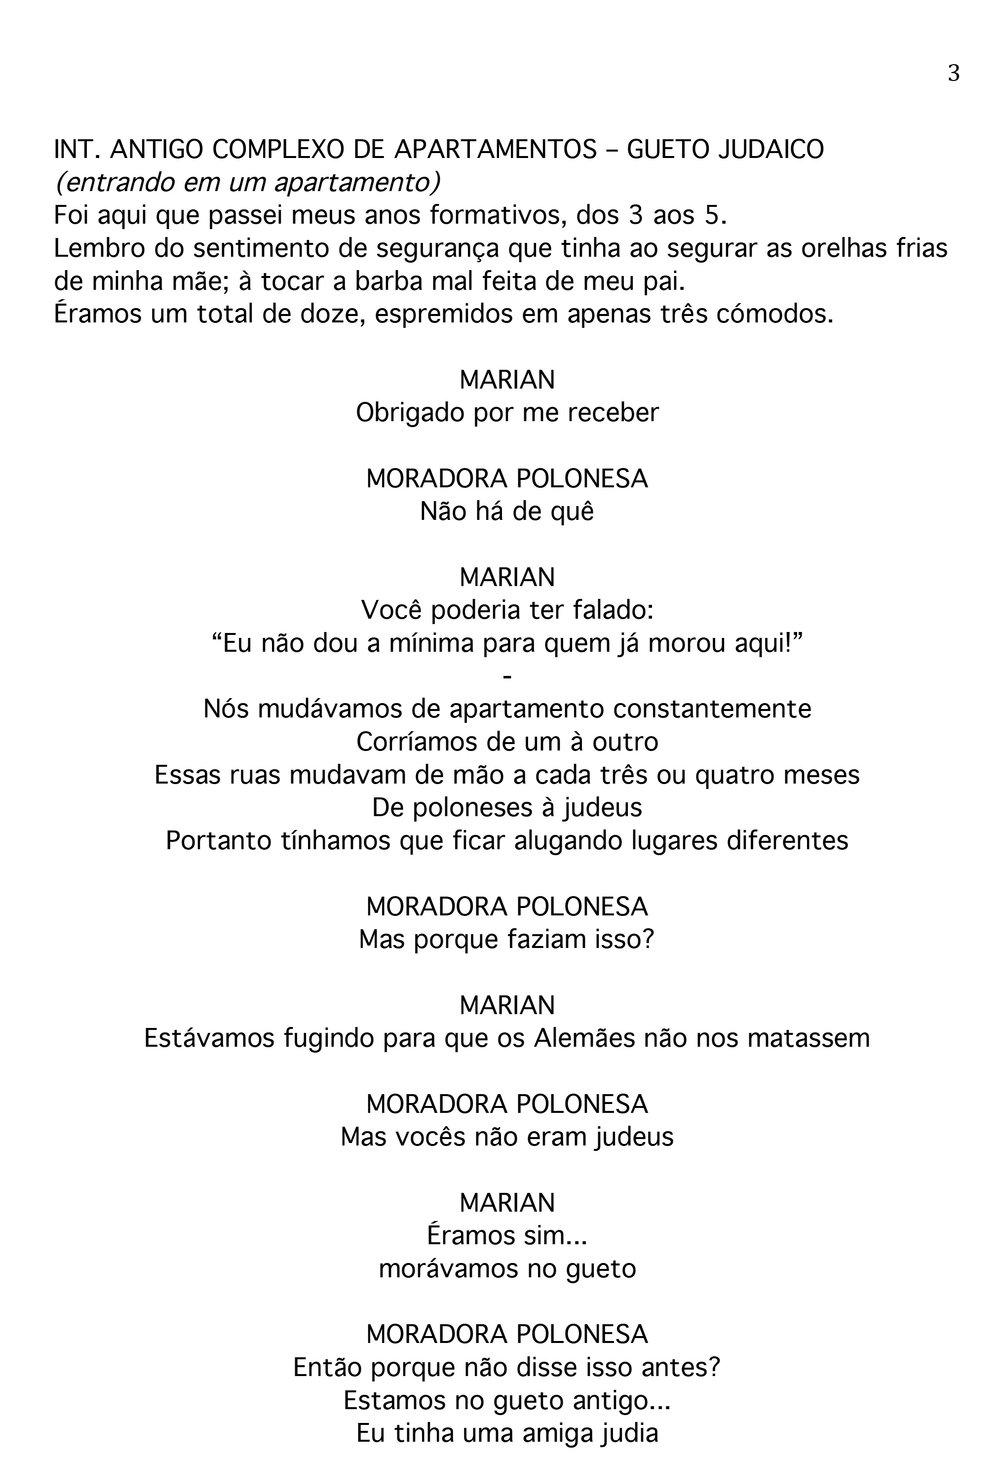 PORTUGUESE-SCRIPT-3.jpg